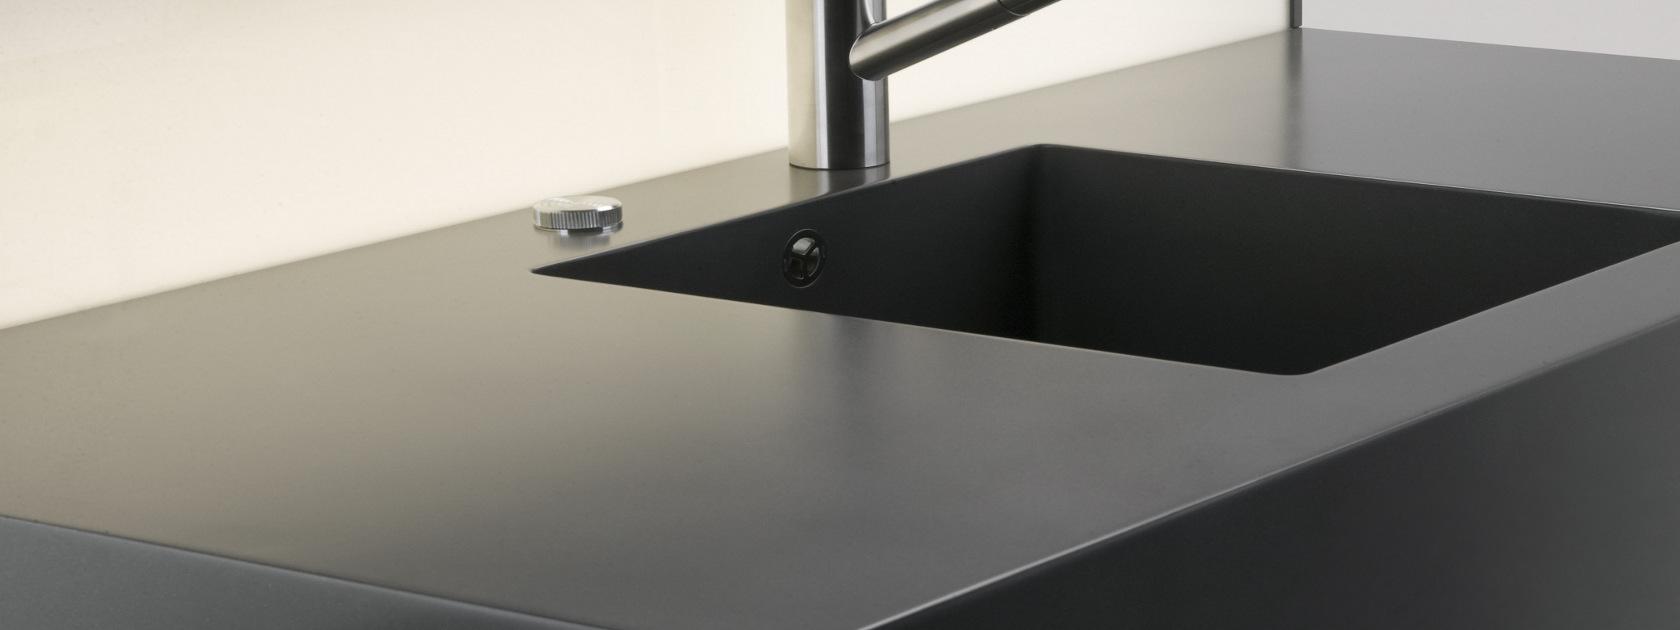 Wunderbar Pfeiffer   CORIAN Küchenarbeitsplatte